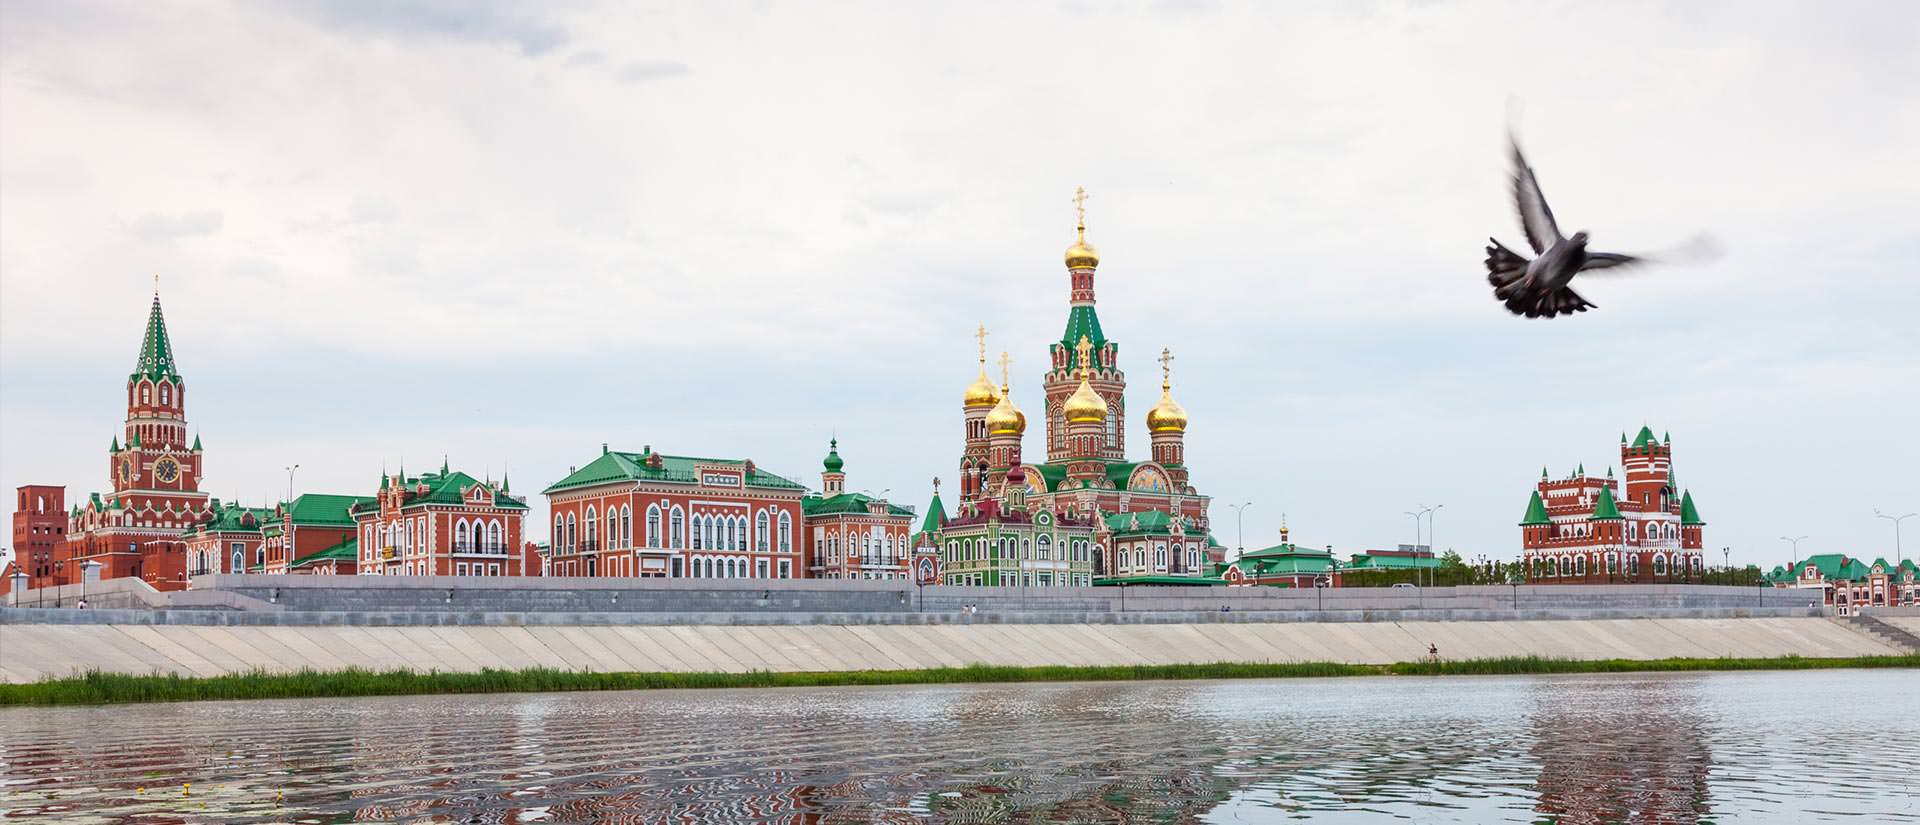 טיול מאורגן לרוסיה עם החברה הגיאוגרפית